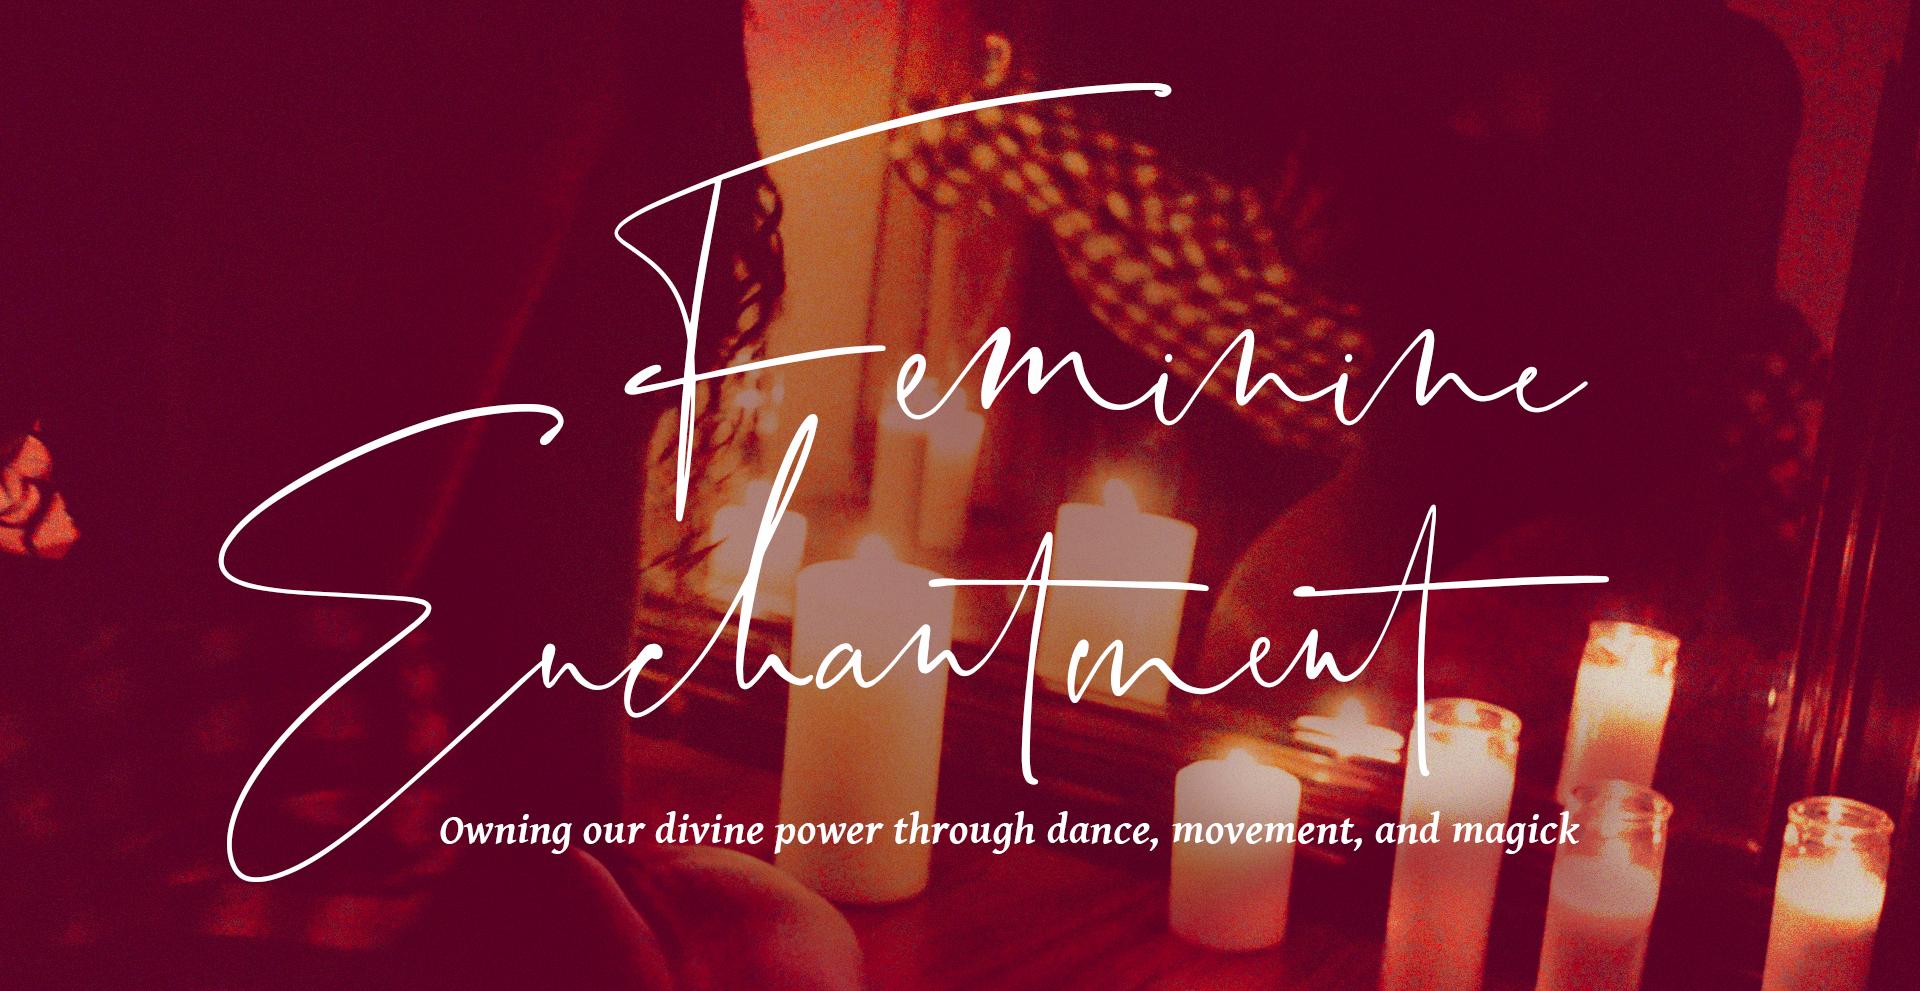 FeminineEnchantment.png